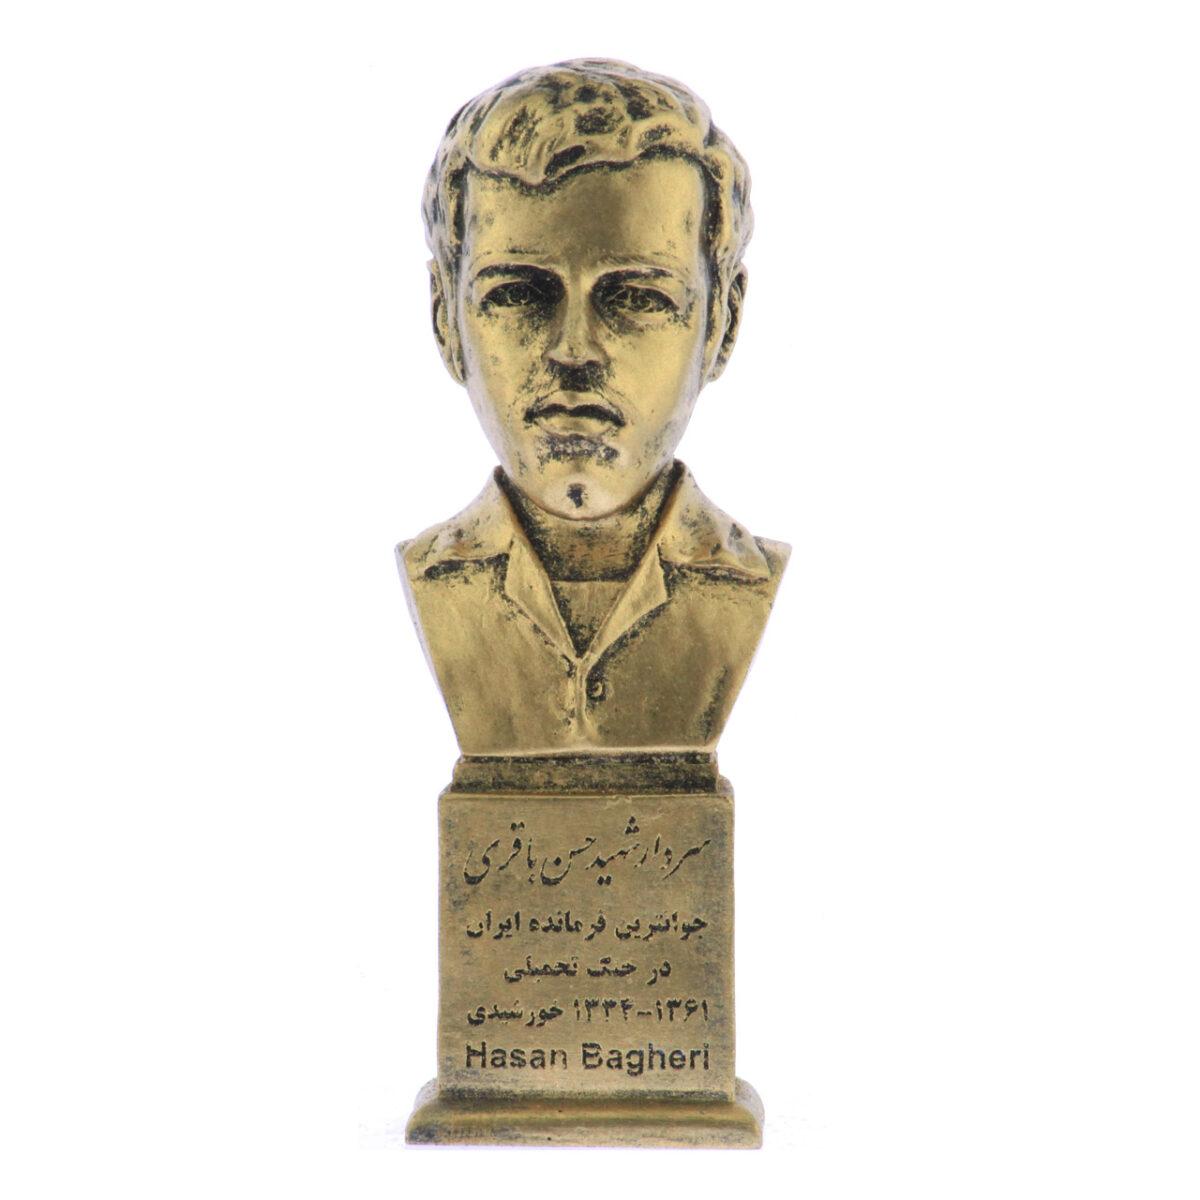 سردیس شهید حسن باقری